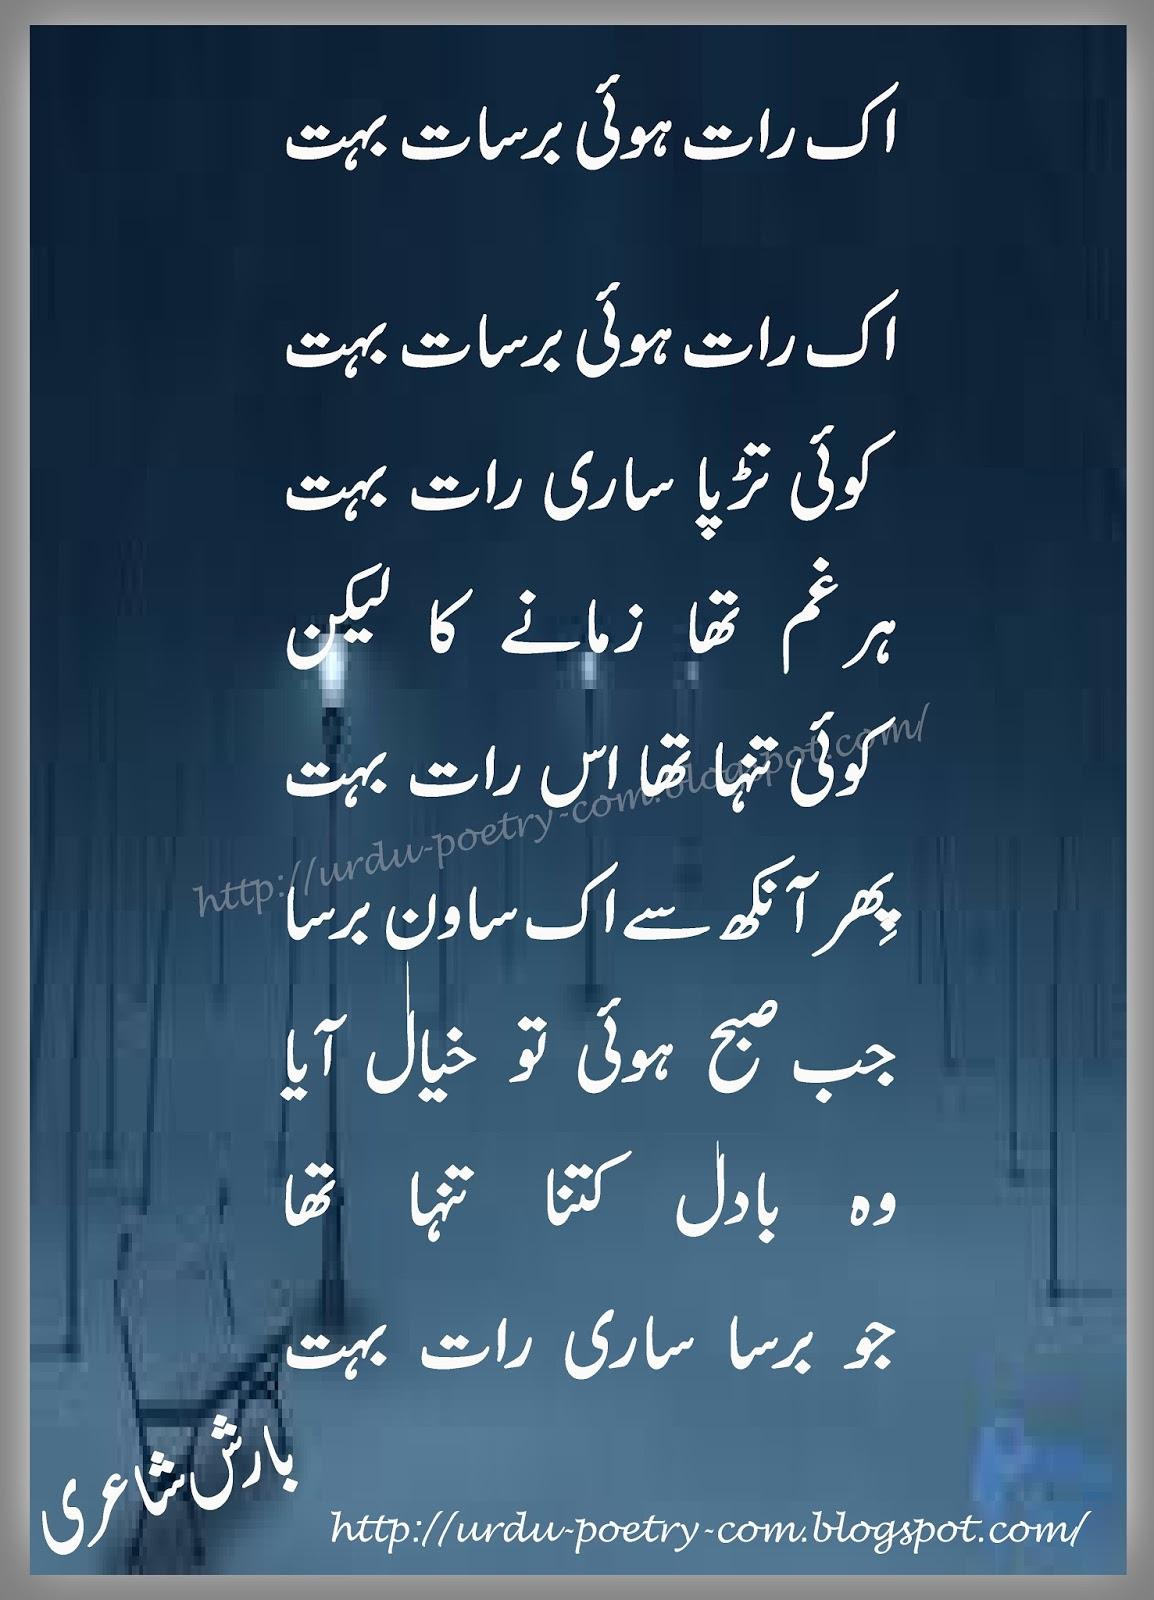 Ek raat howi barsaat bohat urdu poetry thecheapjerseys Choice Image